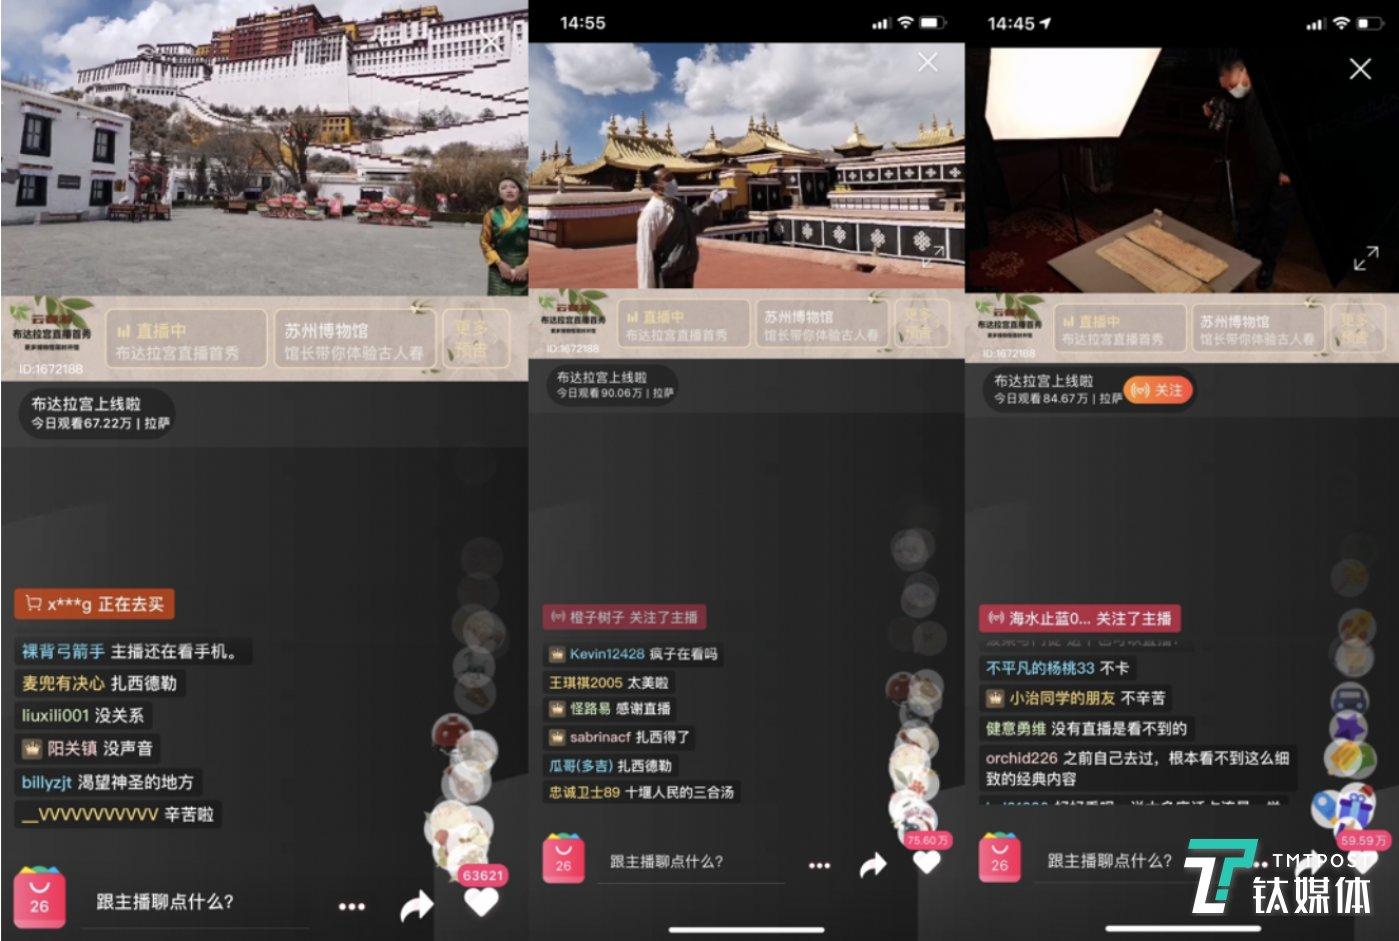 布达拉宫直播画面